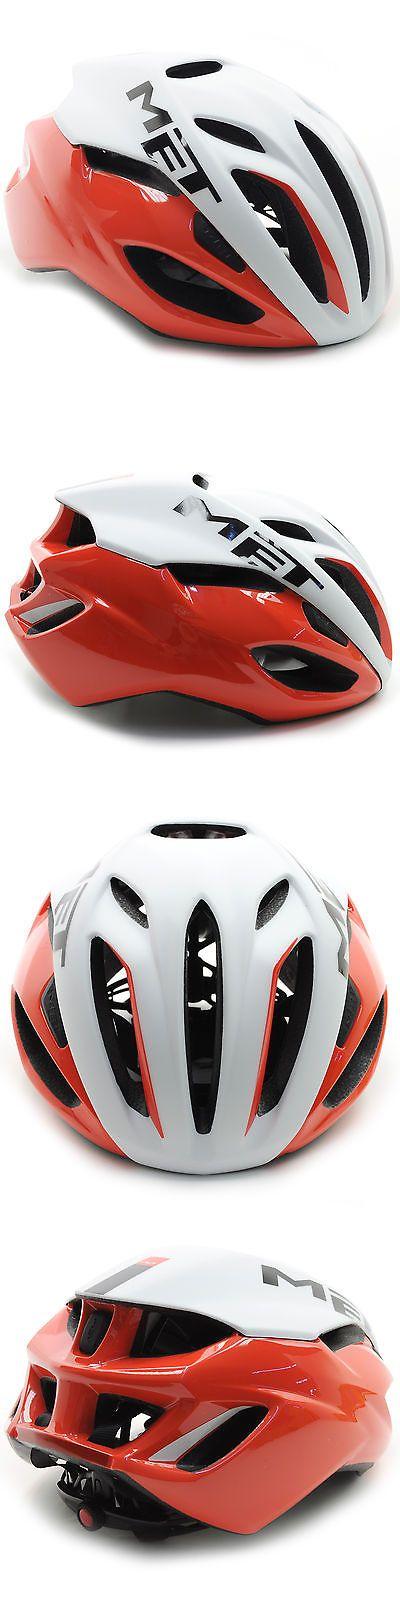 Helmets 70911: Met Rivale Road Bike Helmet // Red/White // Large -> BUY IT NOW ONLY: $79.95 on eBay!